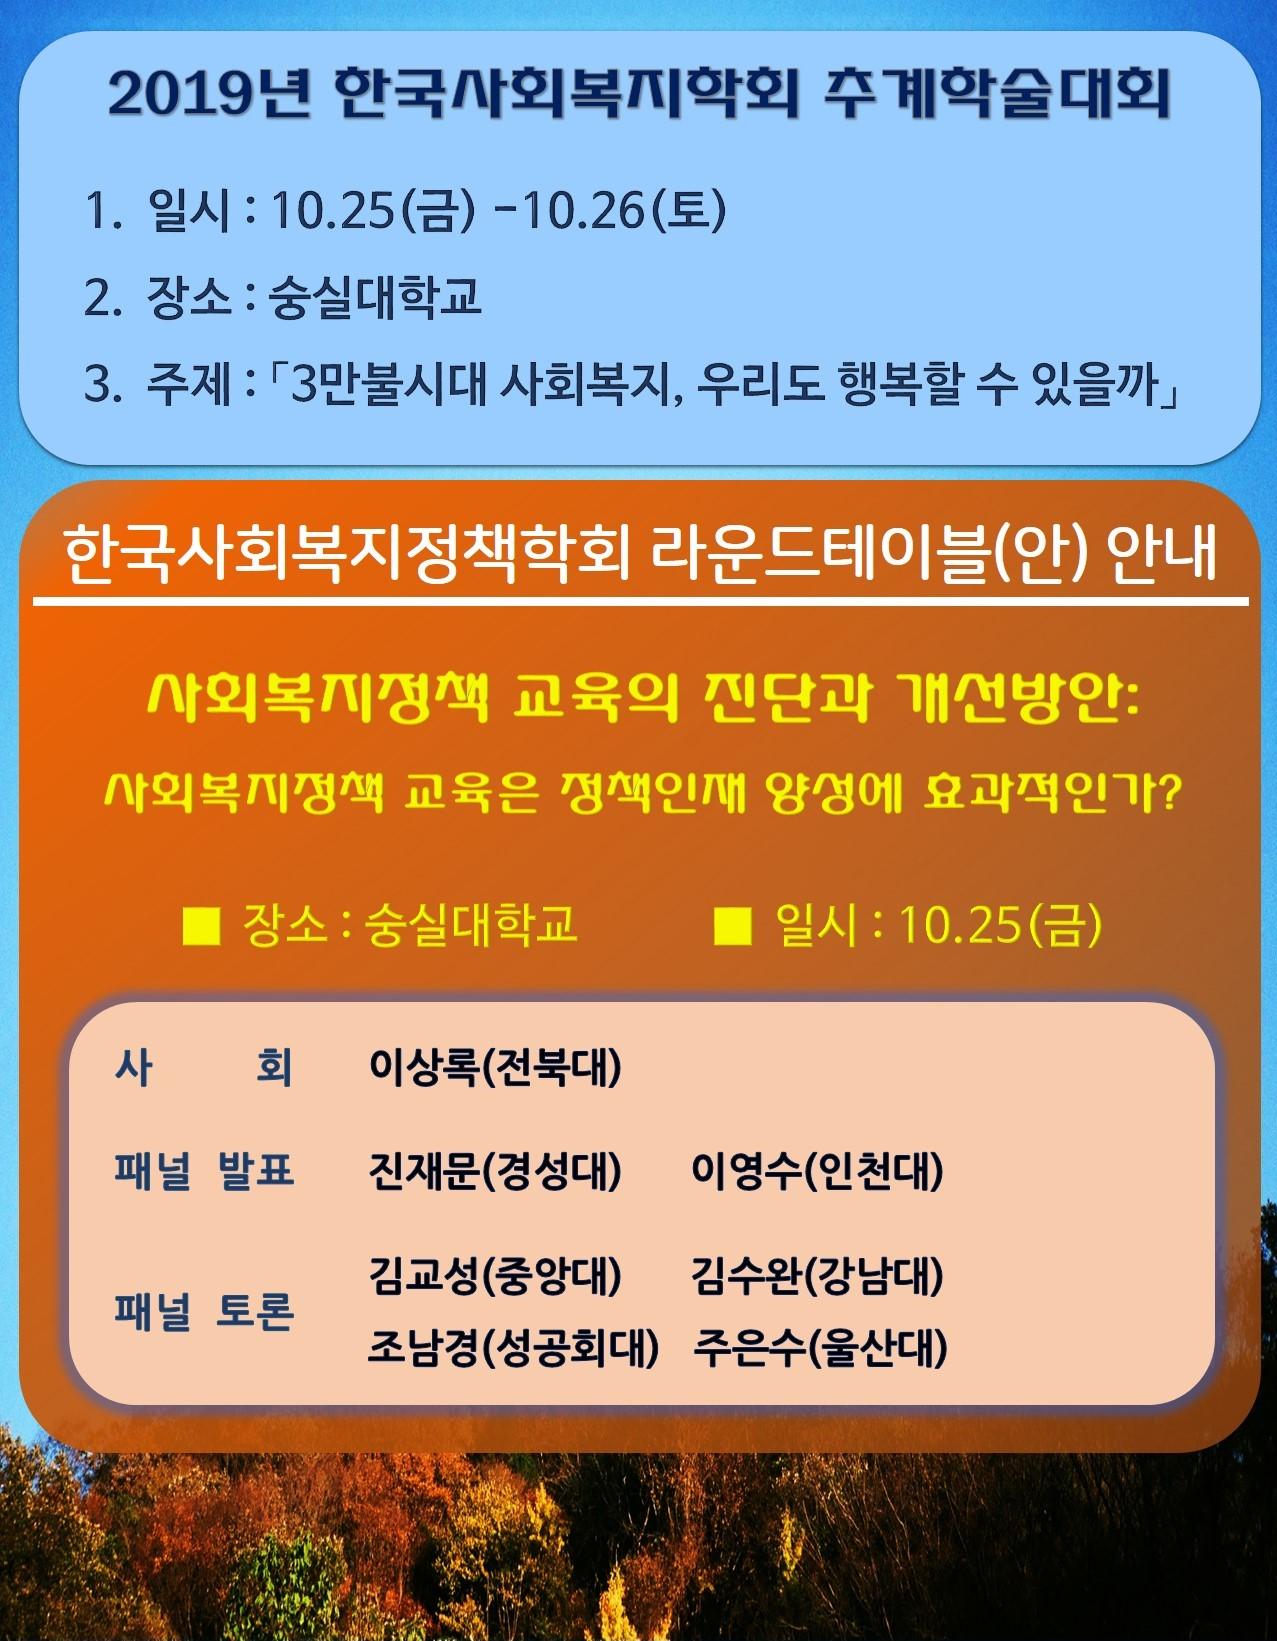 0121bdc497ec42ab454e33aeb7ba5f9c_1567858154_73.jpg